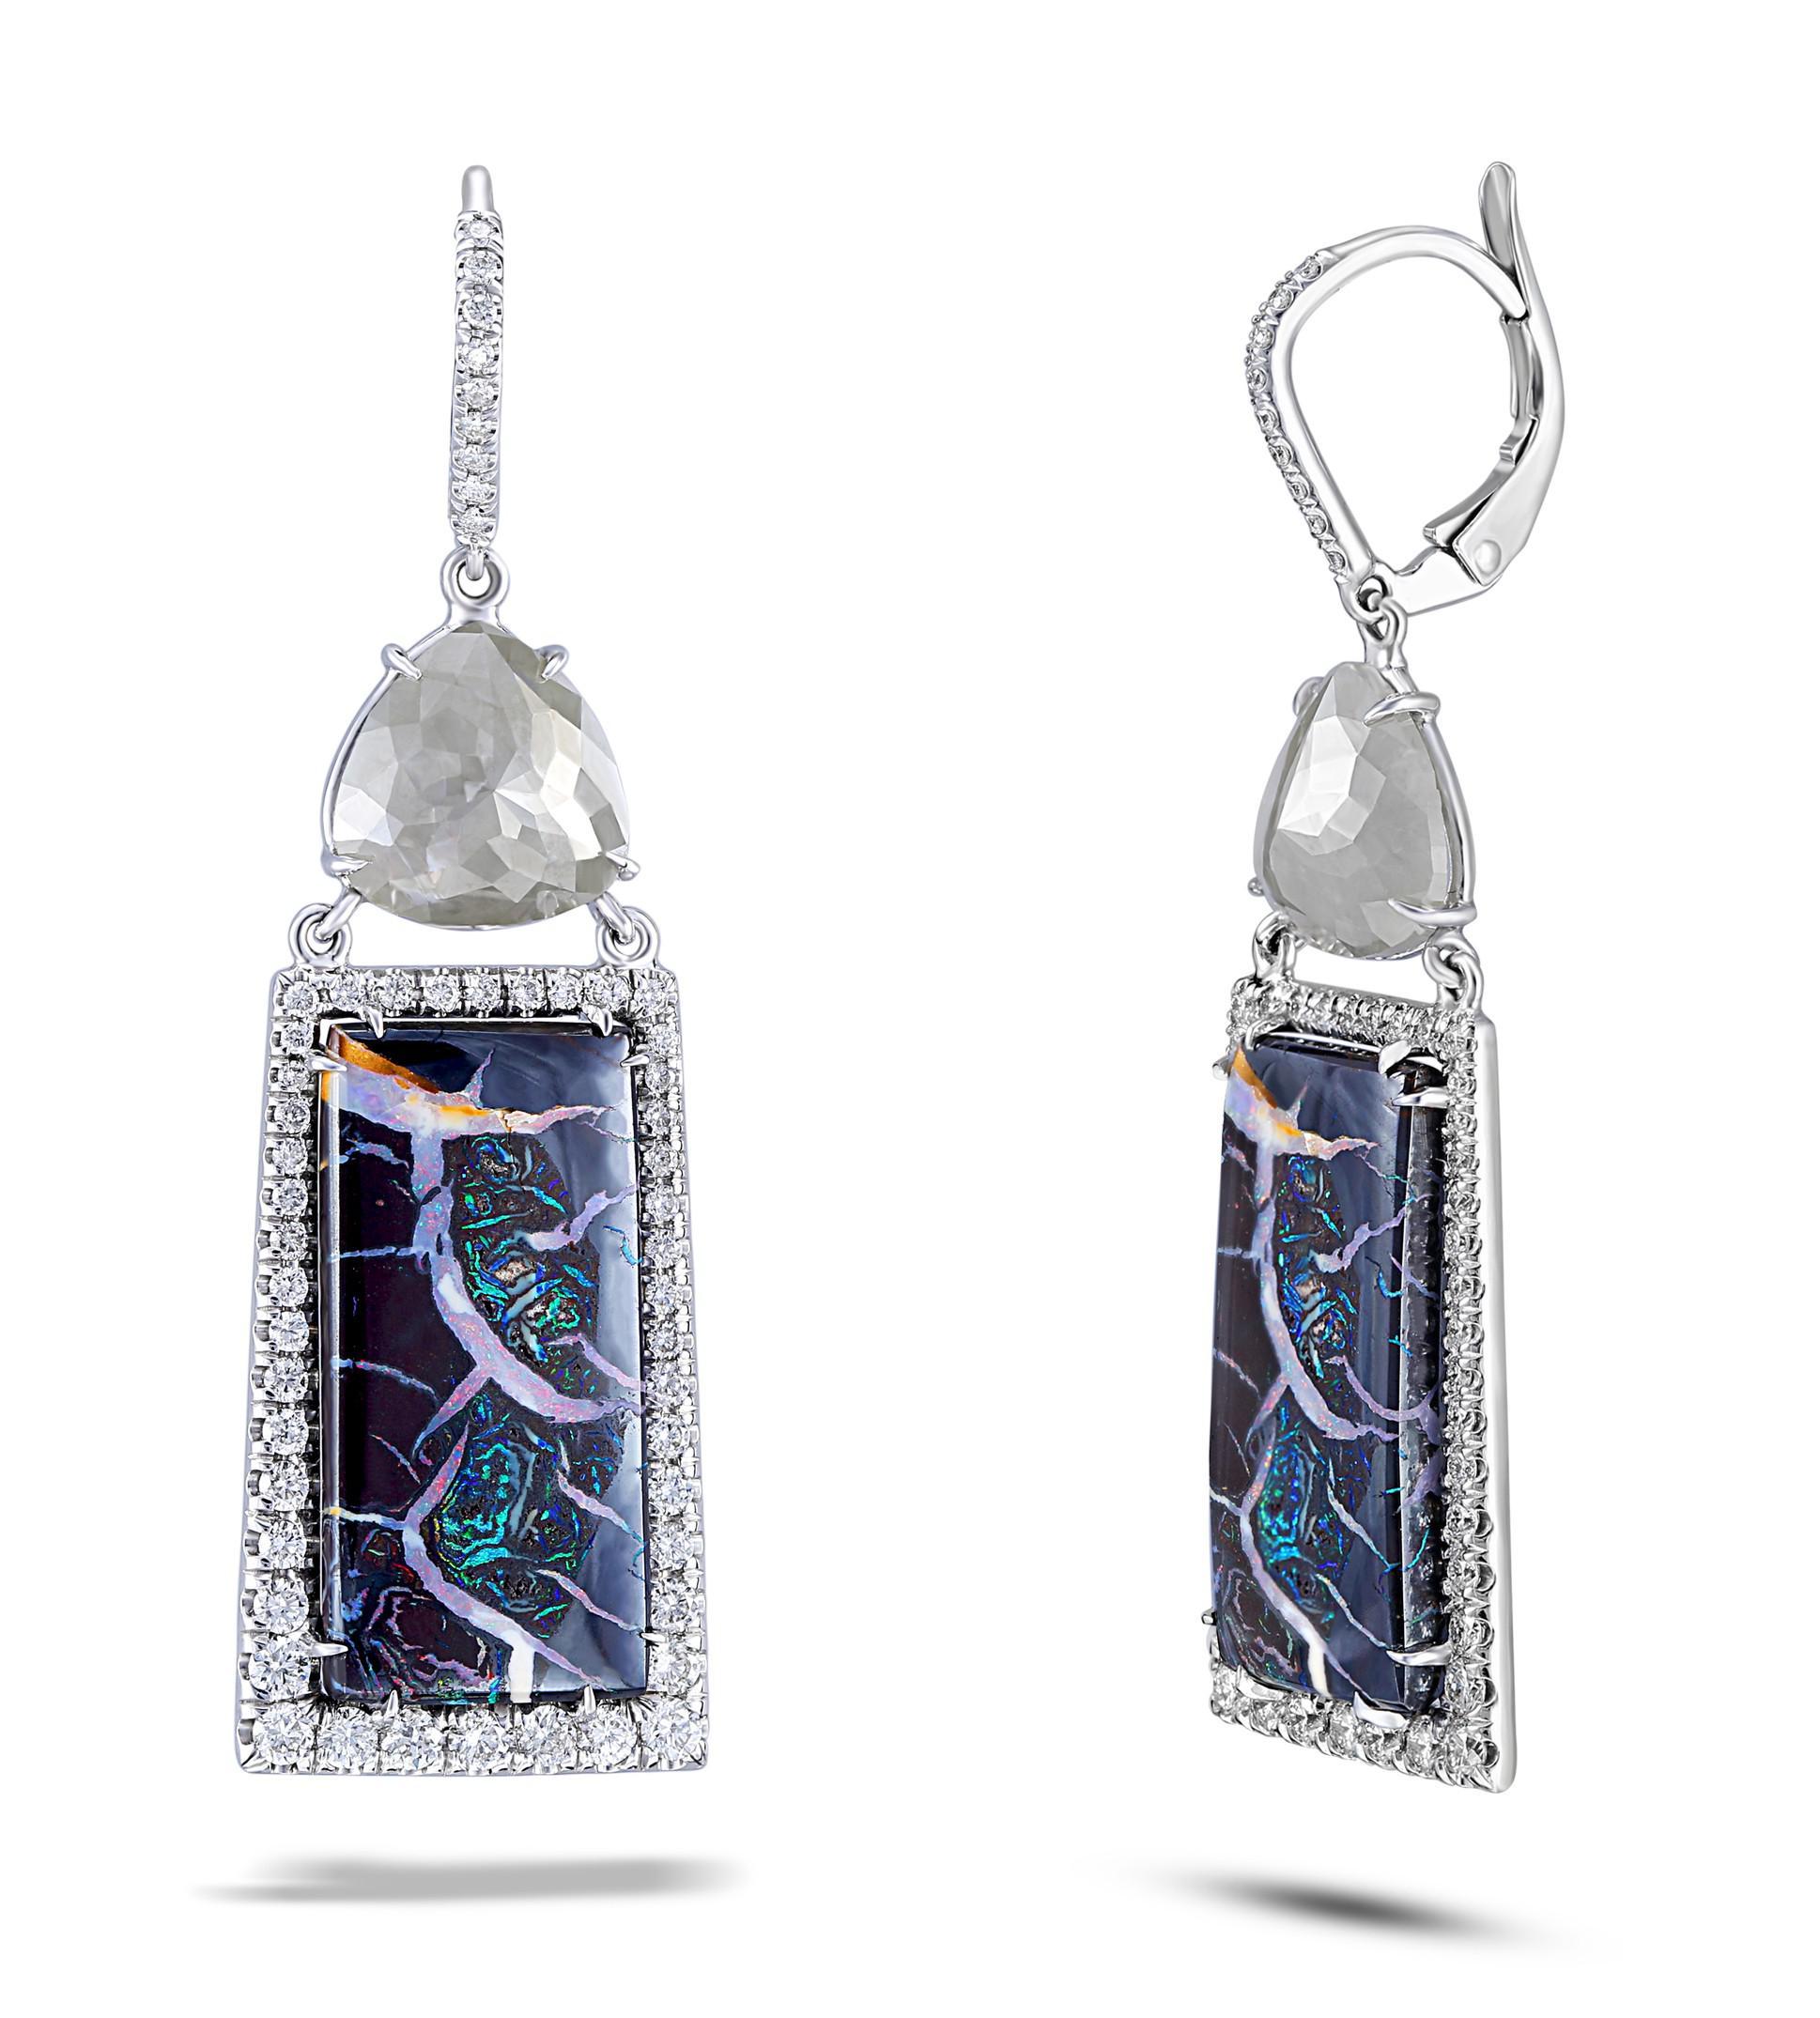 Lyst Nina Runsdorf Opal Diamond Earrings in Blue